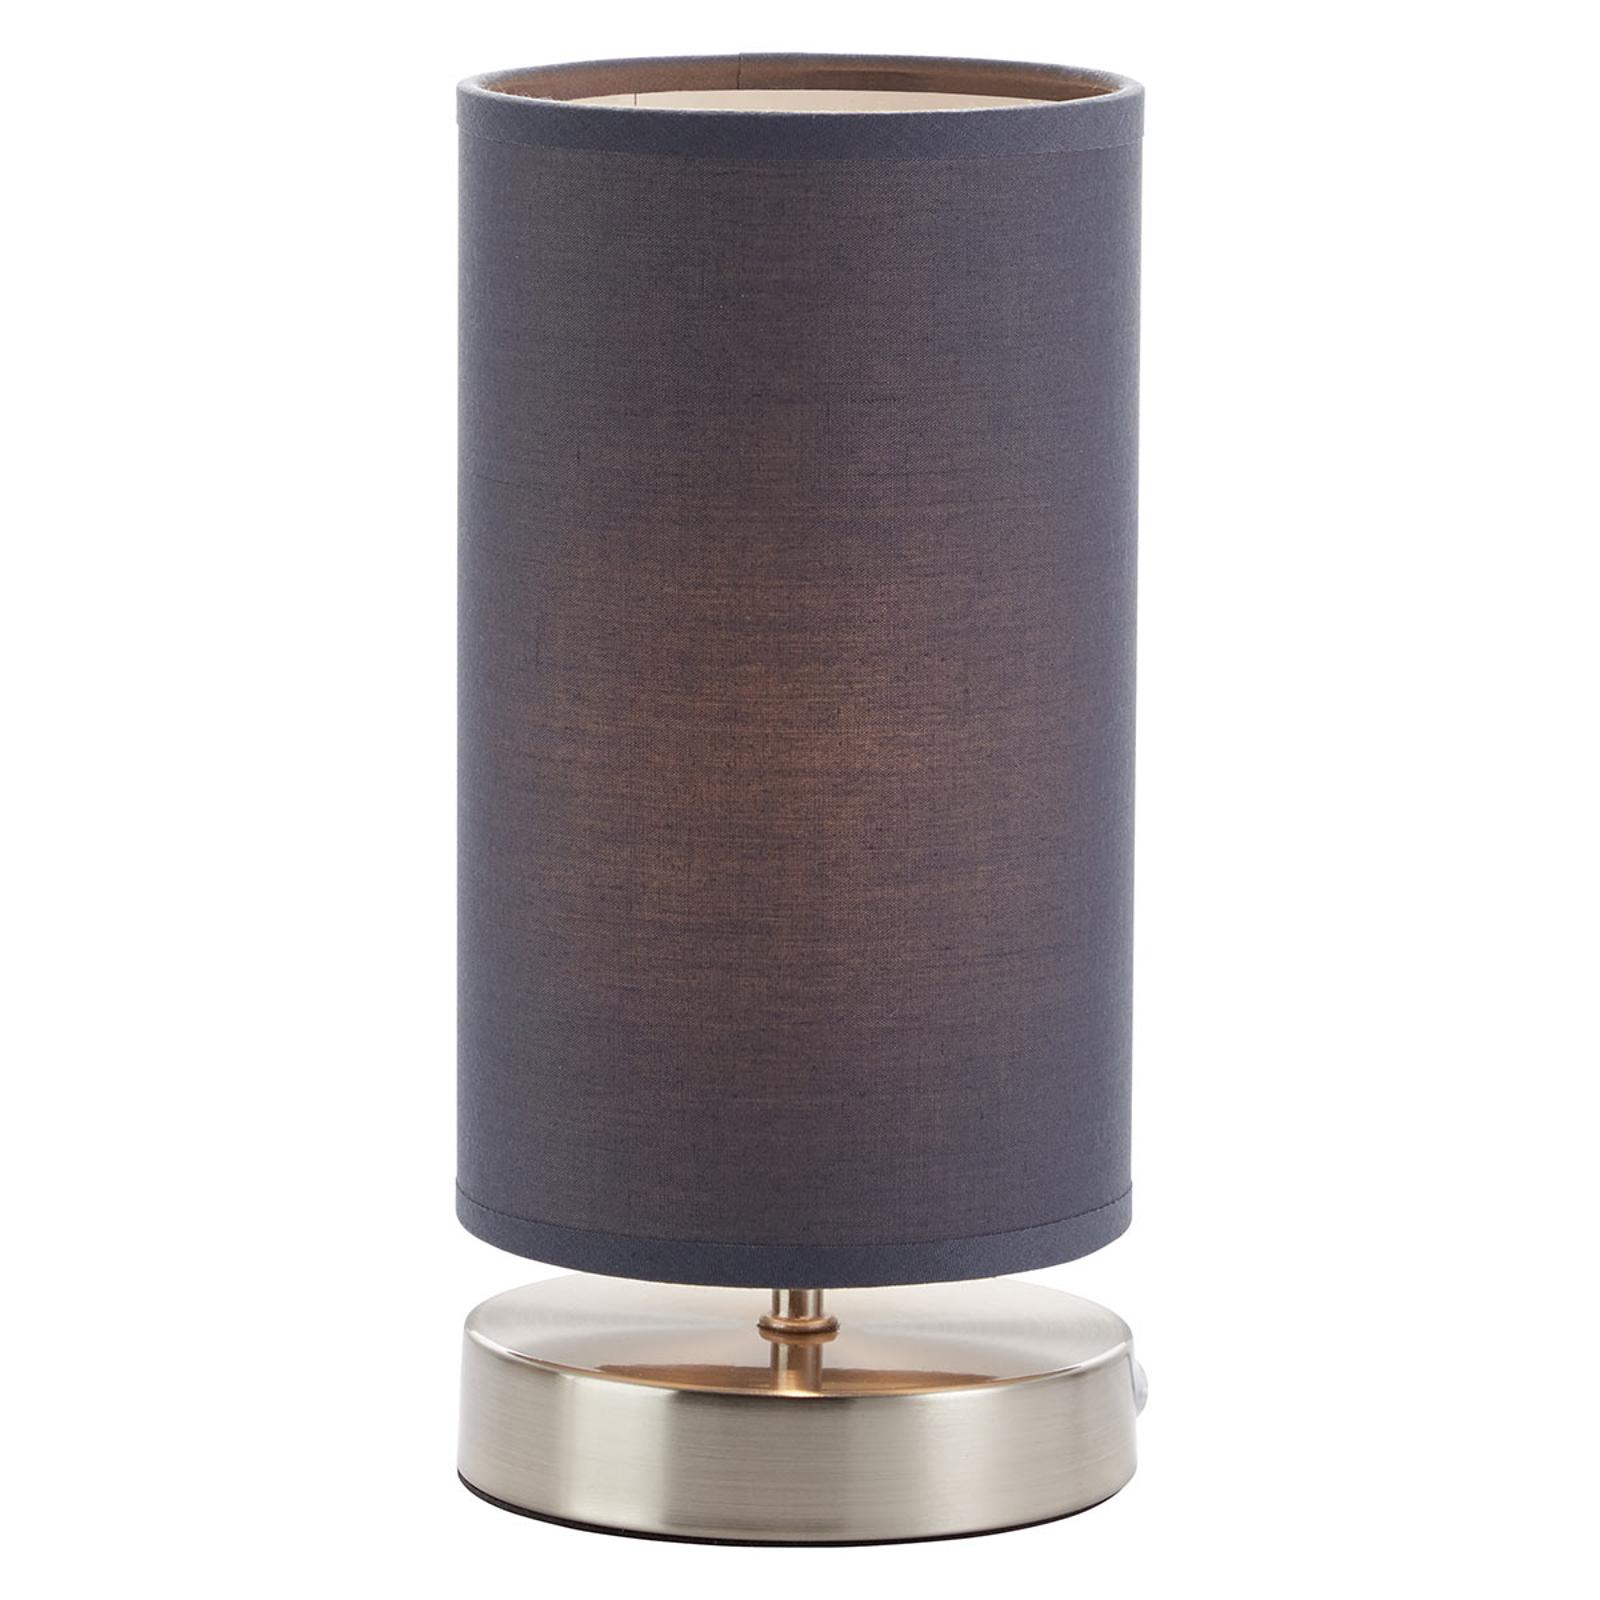 Stolní lampa Claire s šedým látkovým stínítkem.